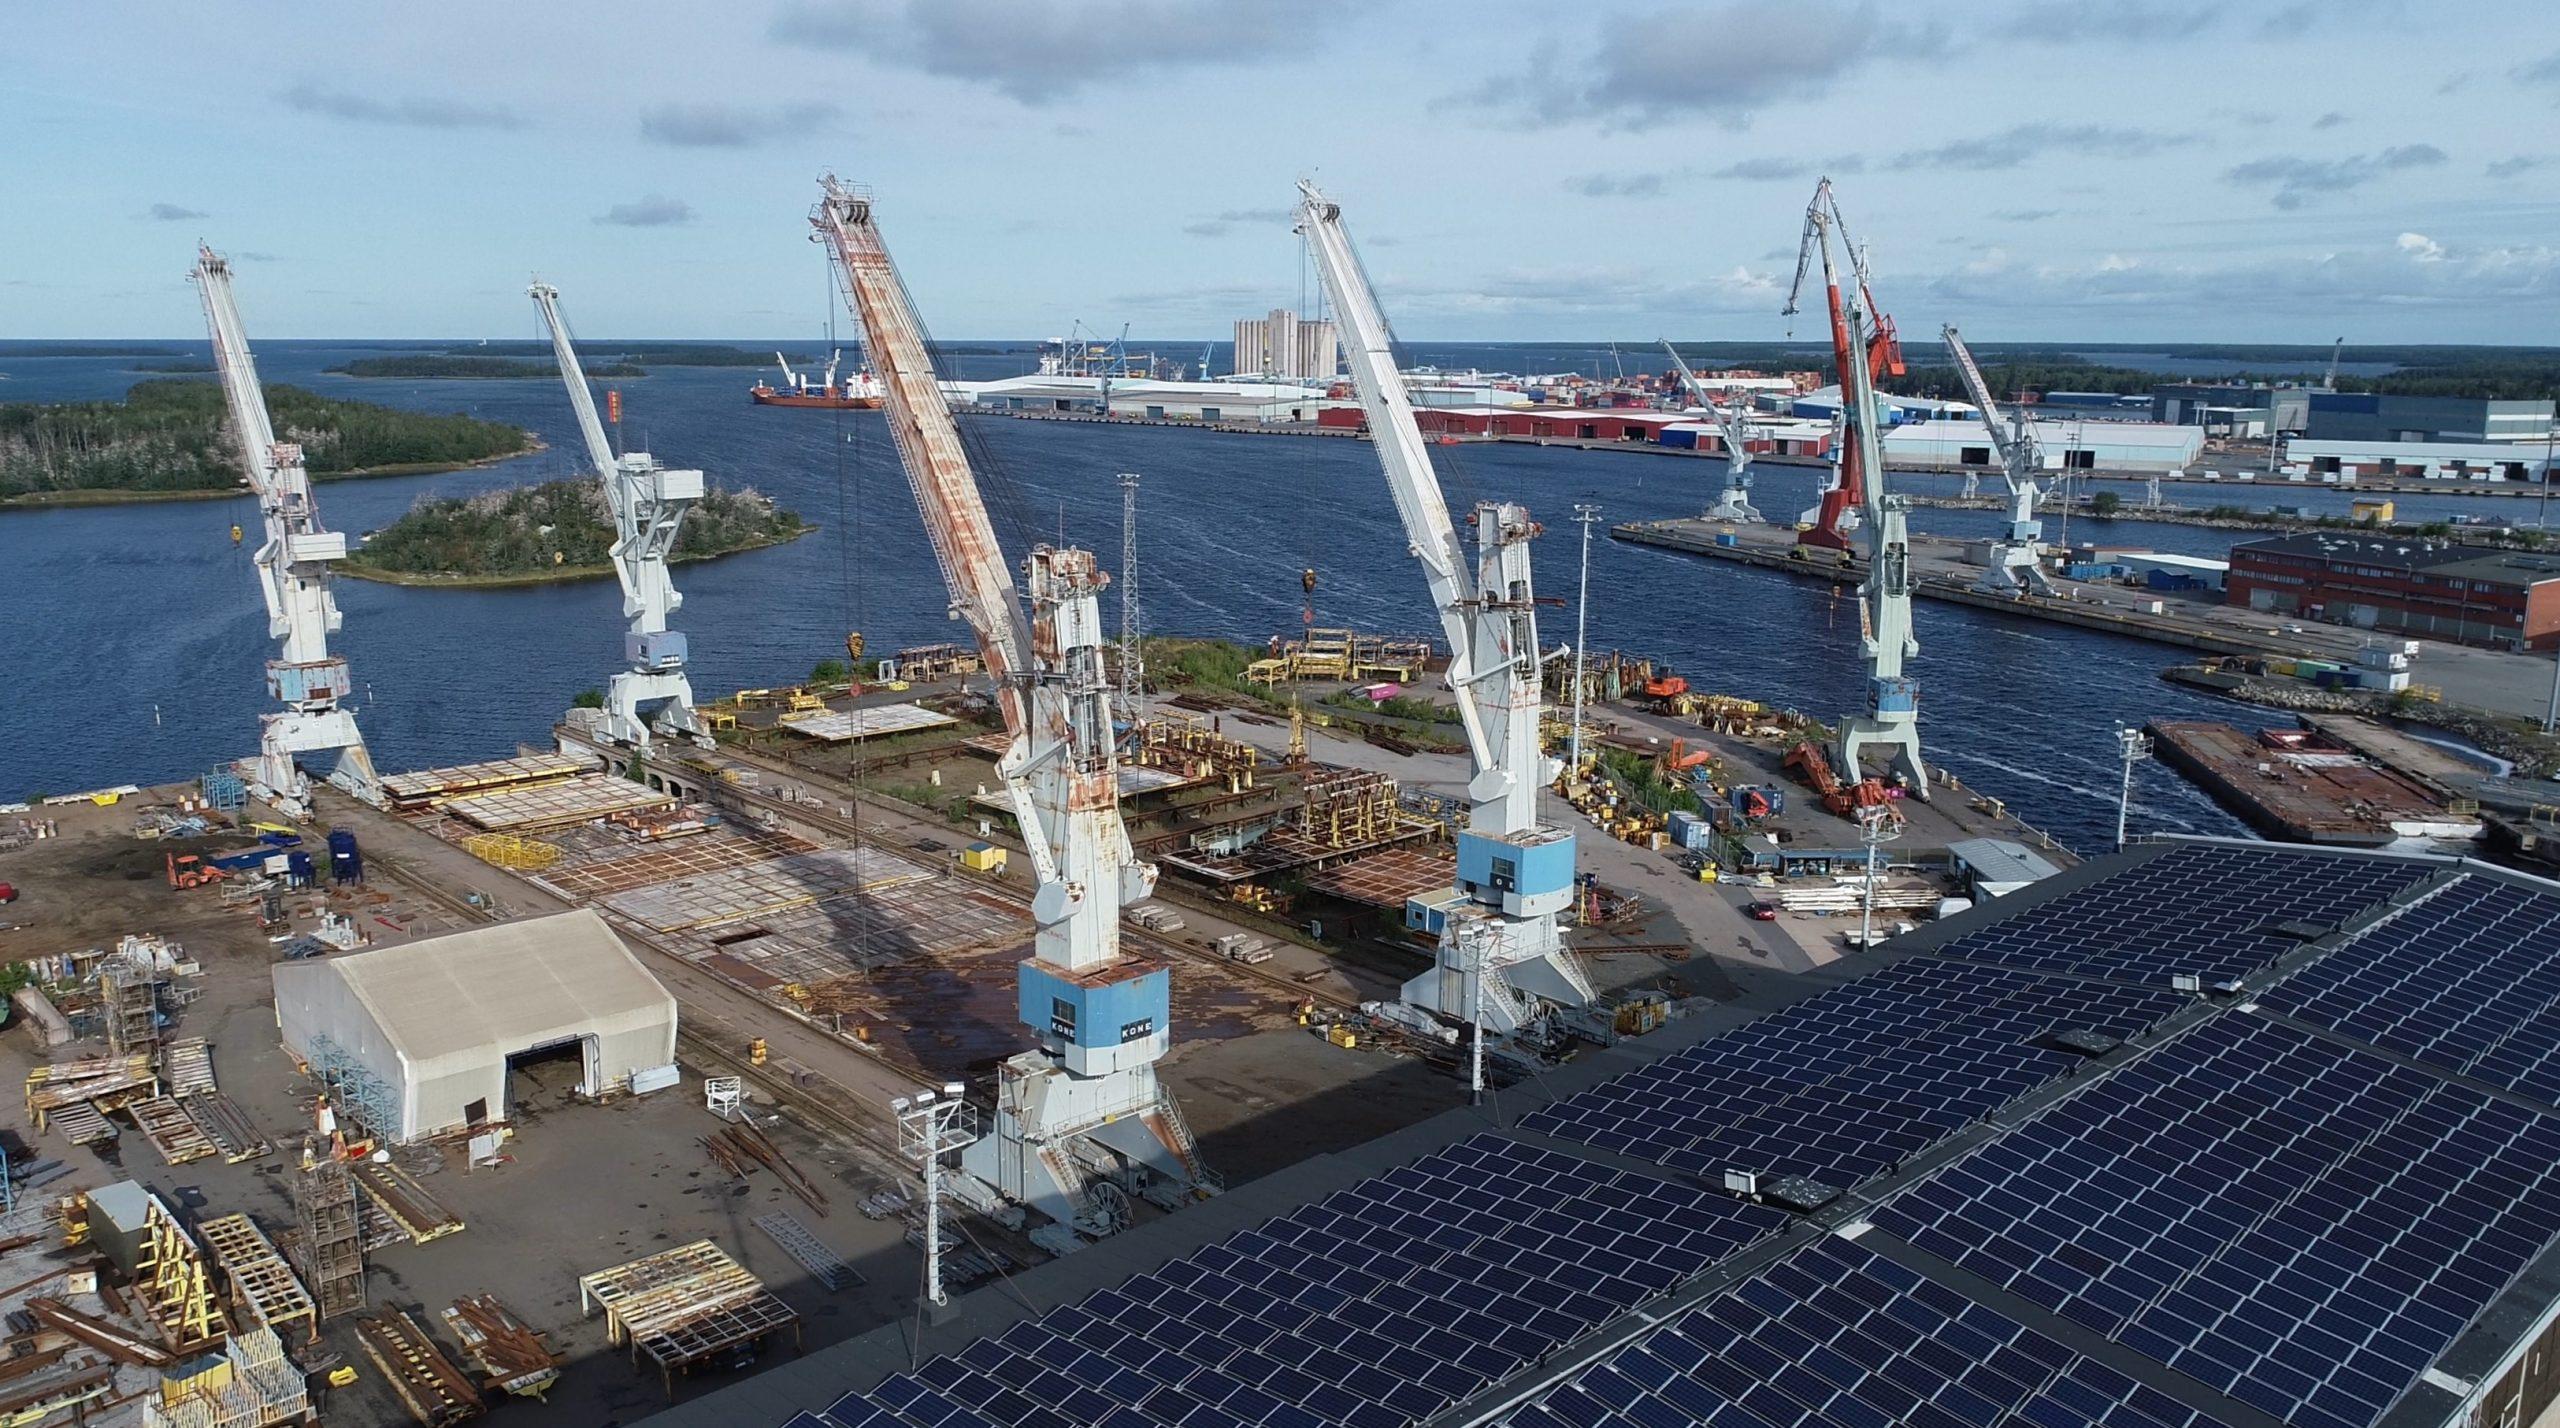 Ilmakuva Rauman meriklusterista, telakka-alueesta nostureineen ja satamasta